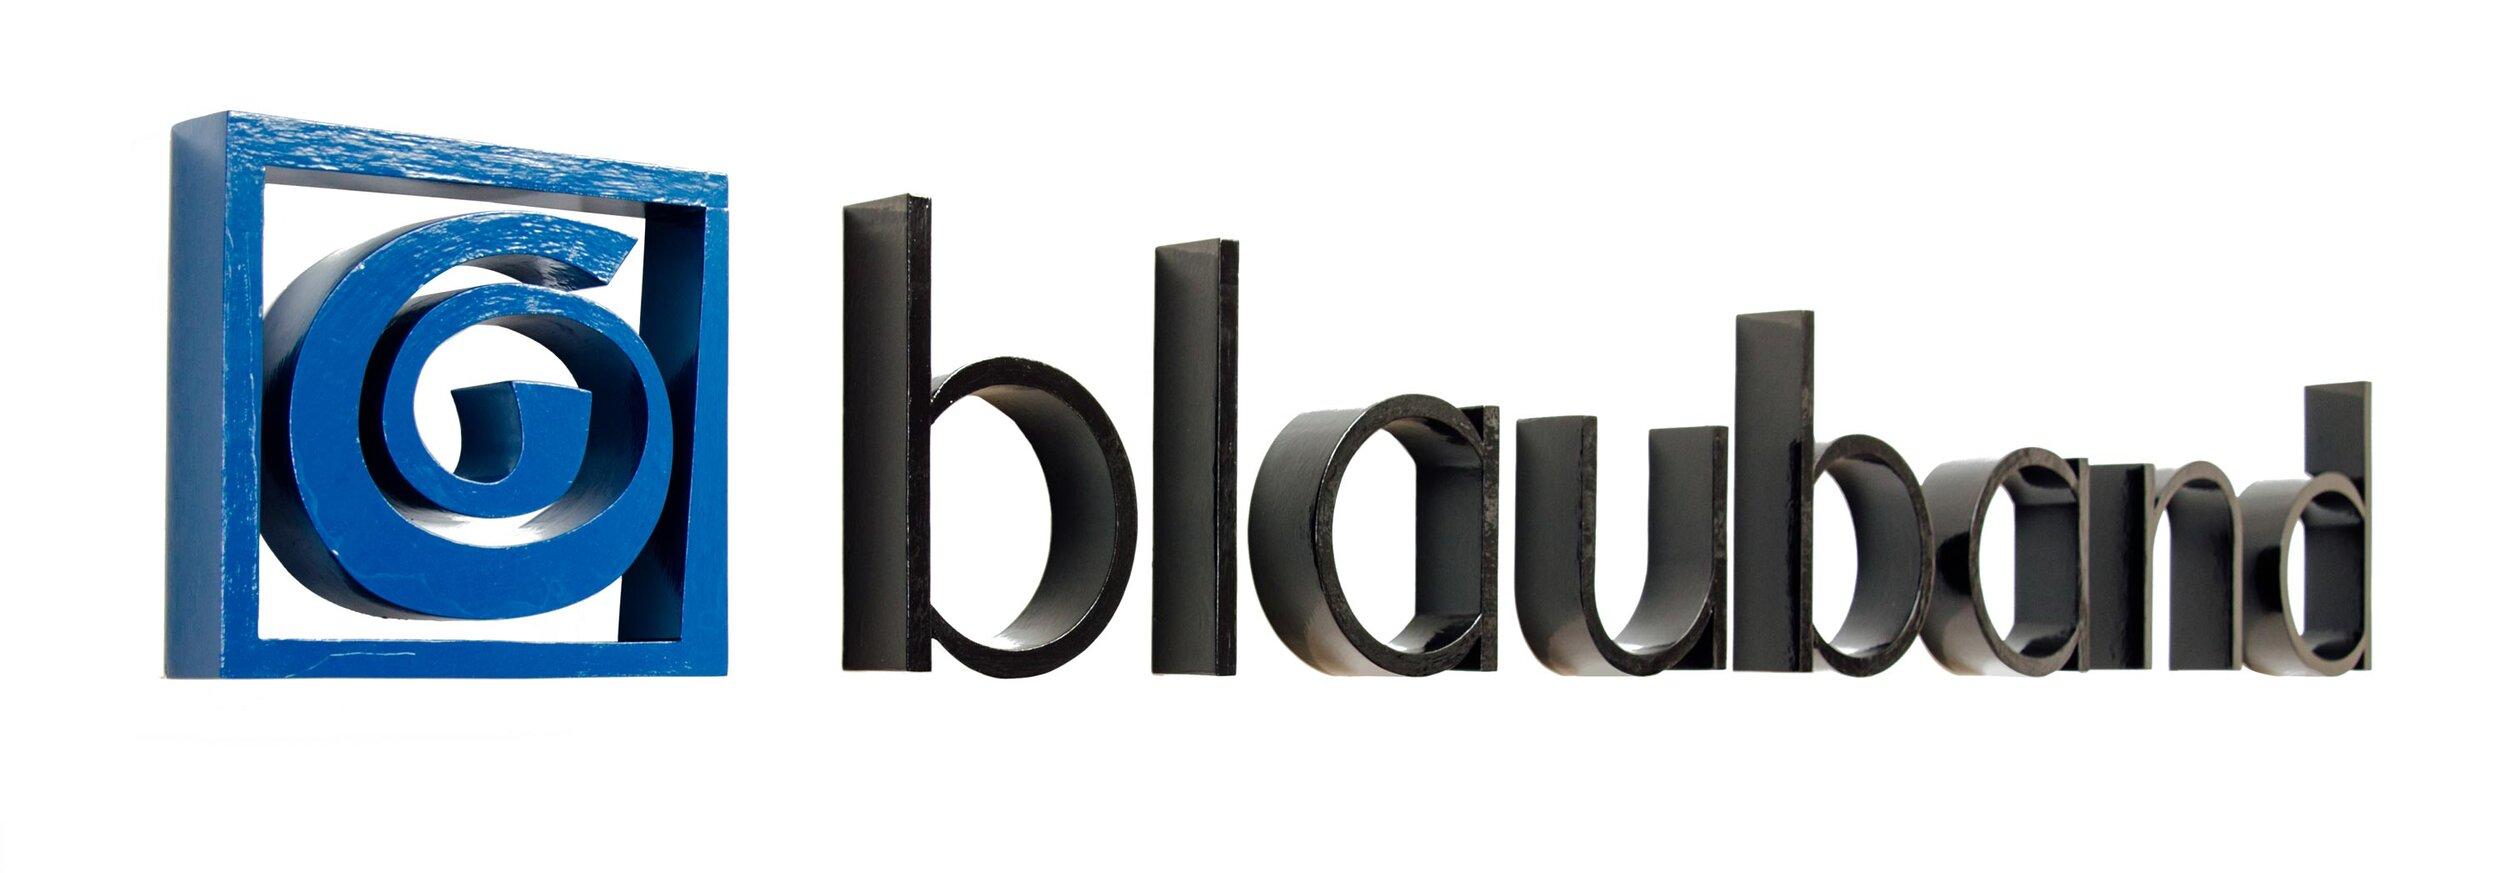 Blauband_Banner_White_Wide_Crop-1.jpg